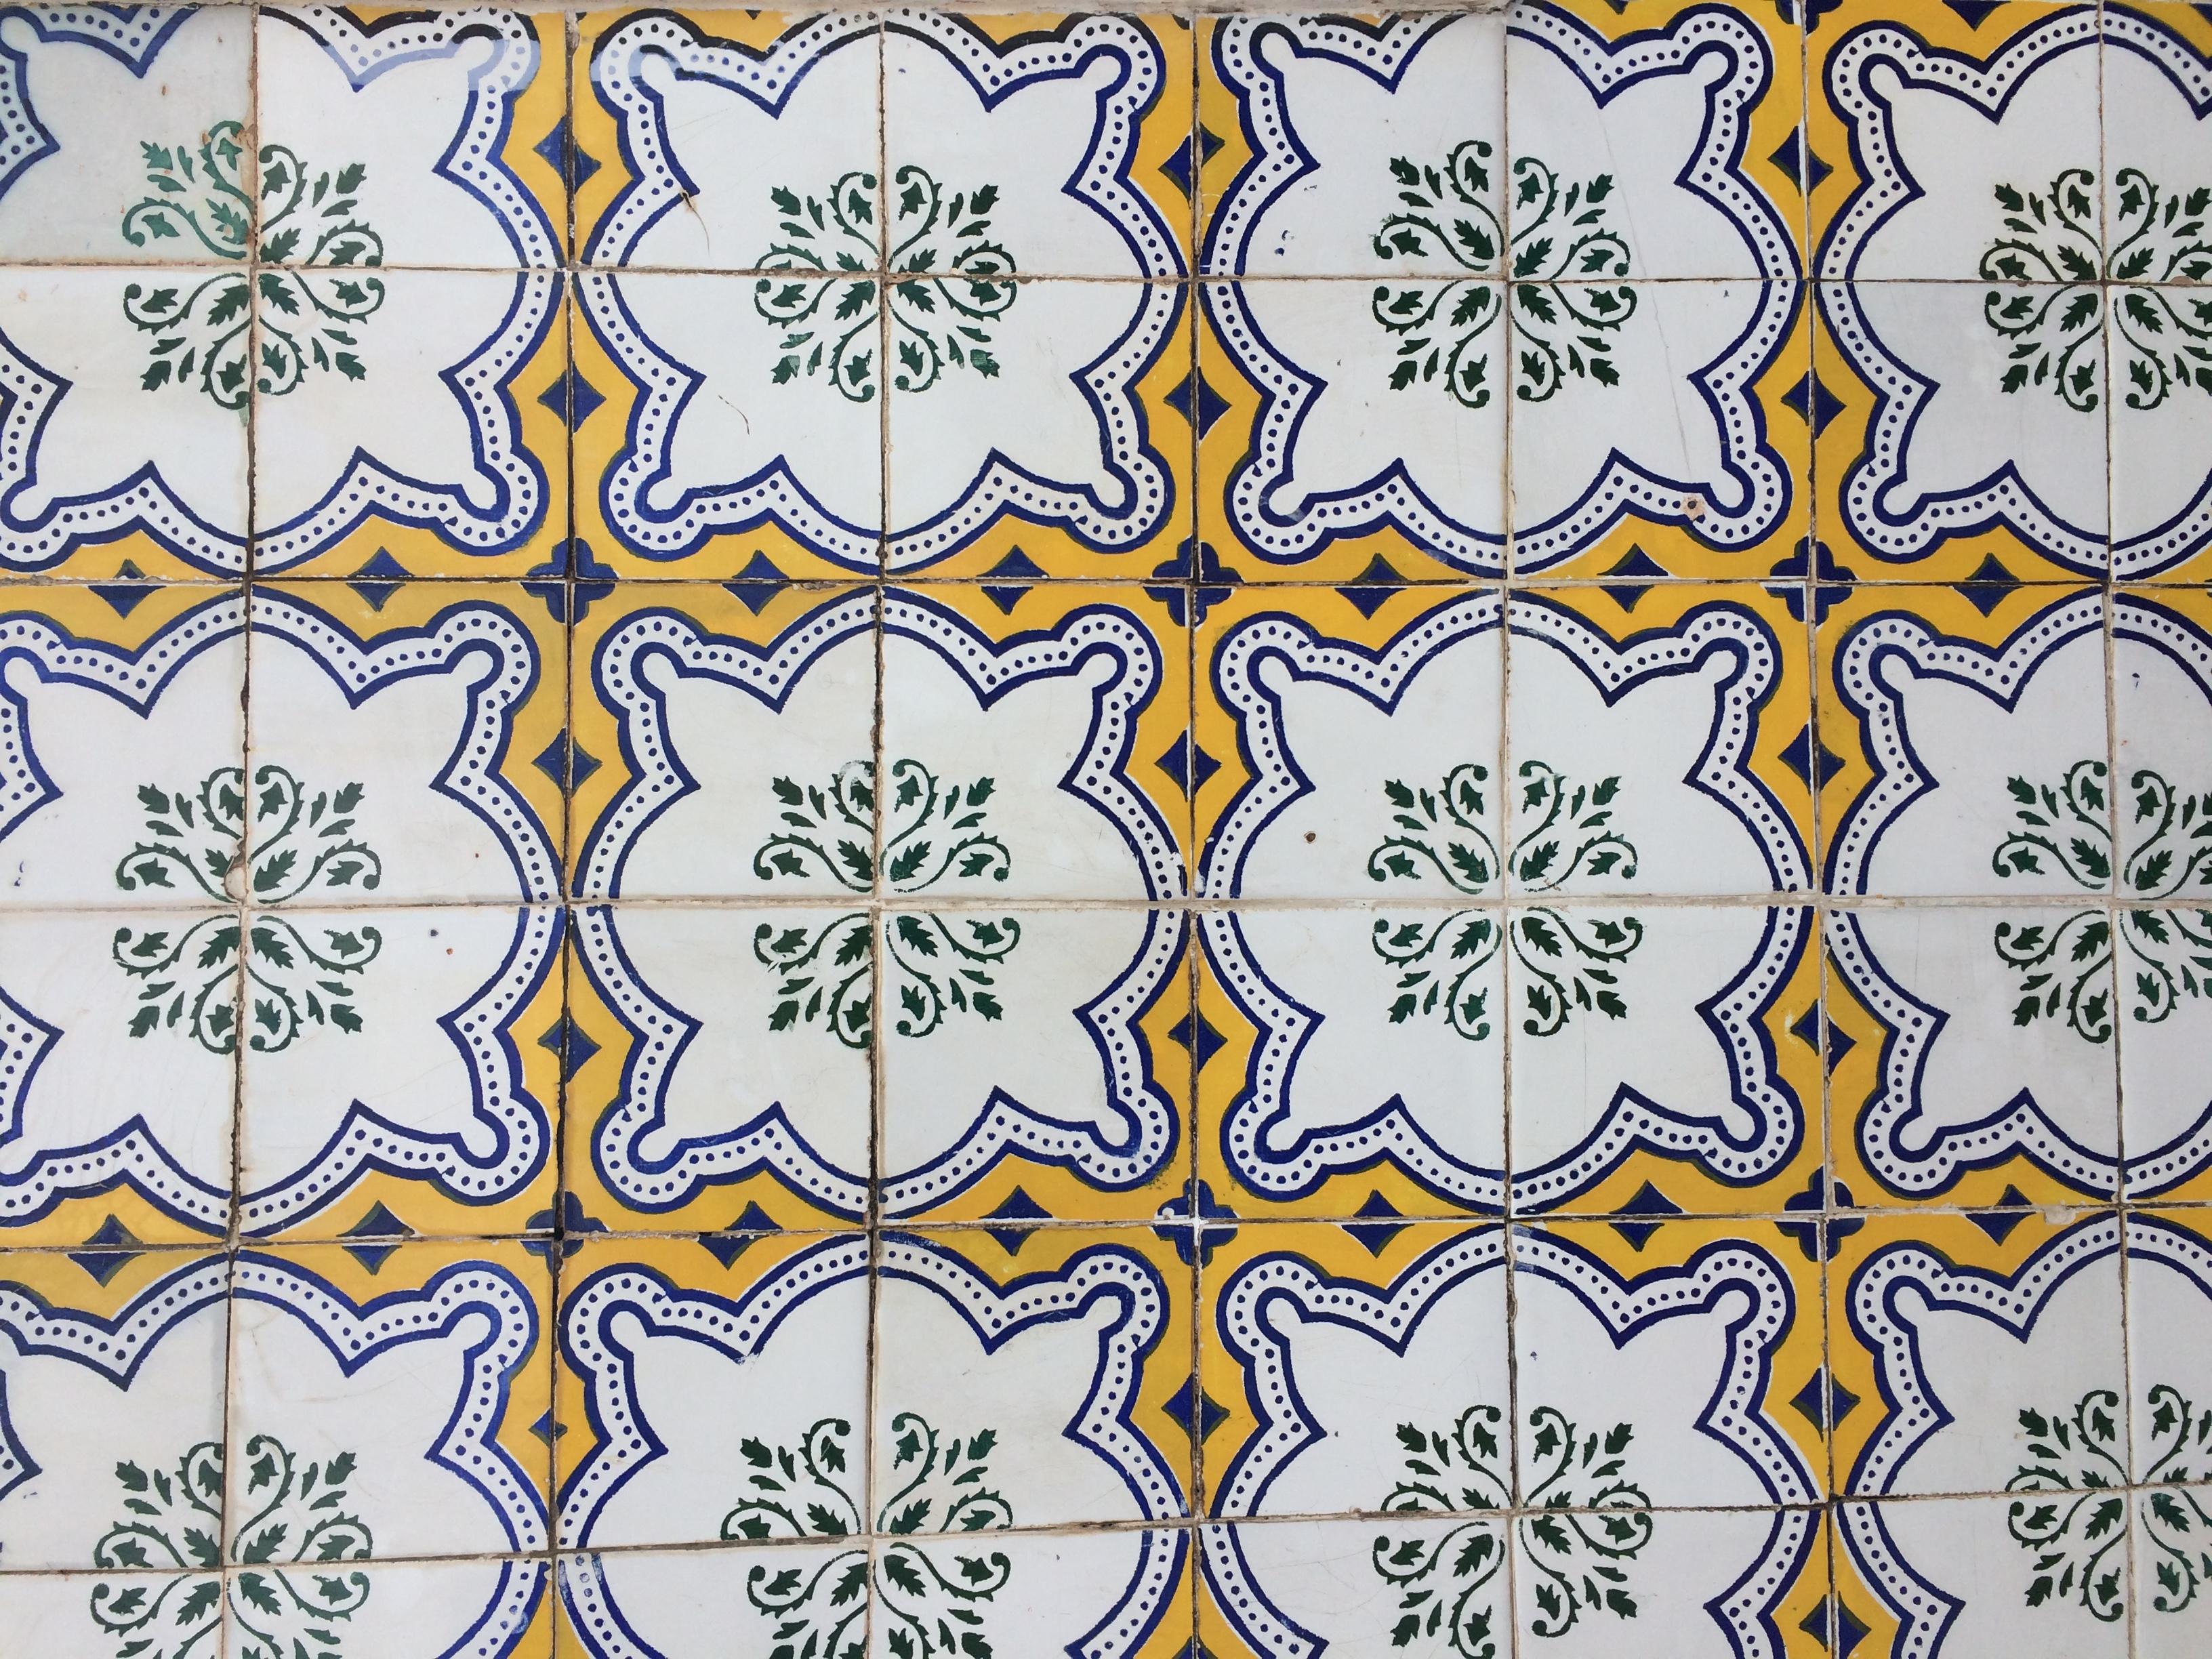 mequetrefismos-alcantara-maranhao-azulejos